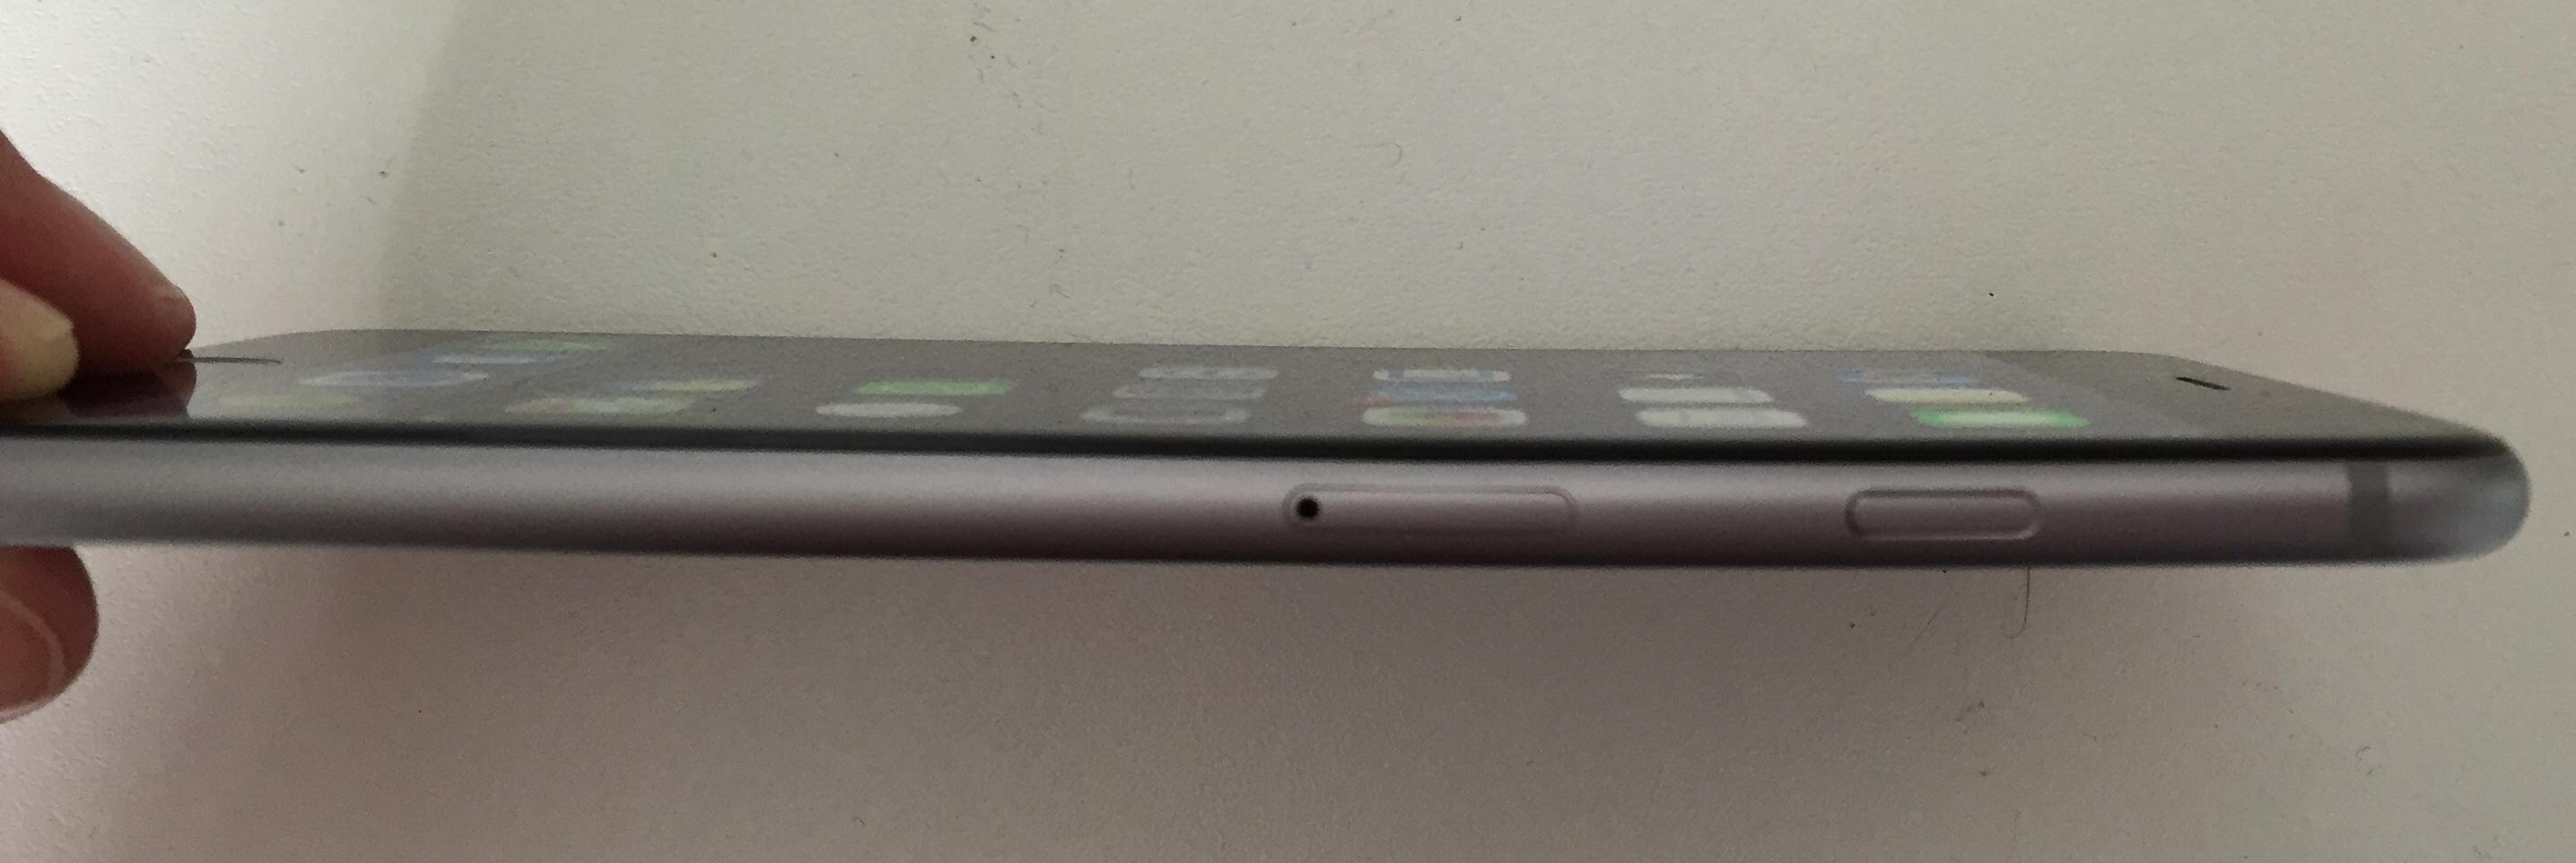 Donos de iPhones 6 estão dobrando os celulares acidentalmente nos bolsos